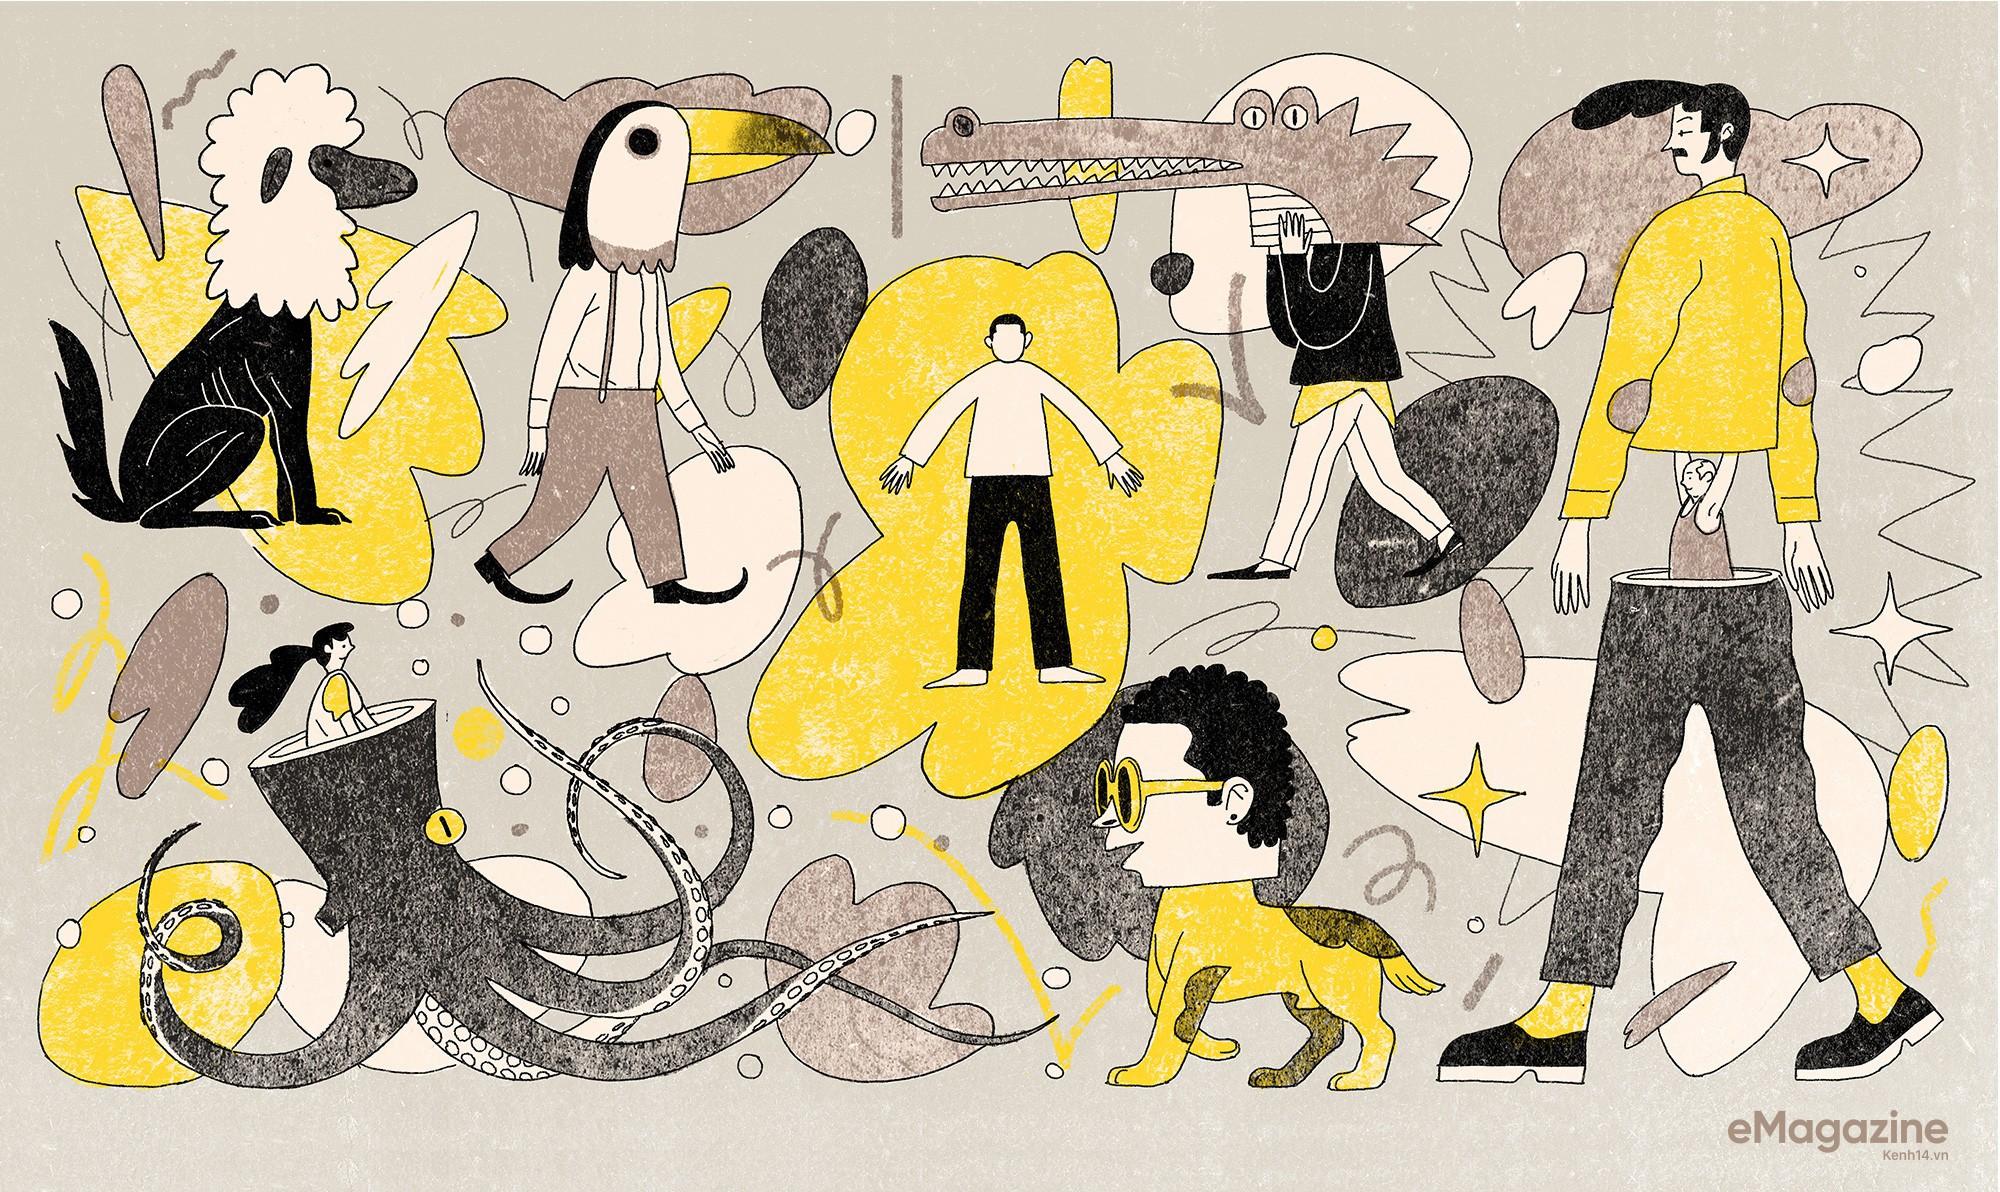 Áp lực từ thành công người khác: Nguyên nhân khiến ta không thấy hạnh phúc dù vẫn đủ đầy - Ảnh 8.